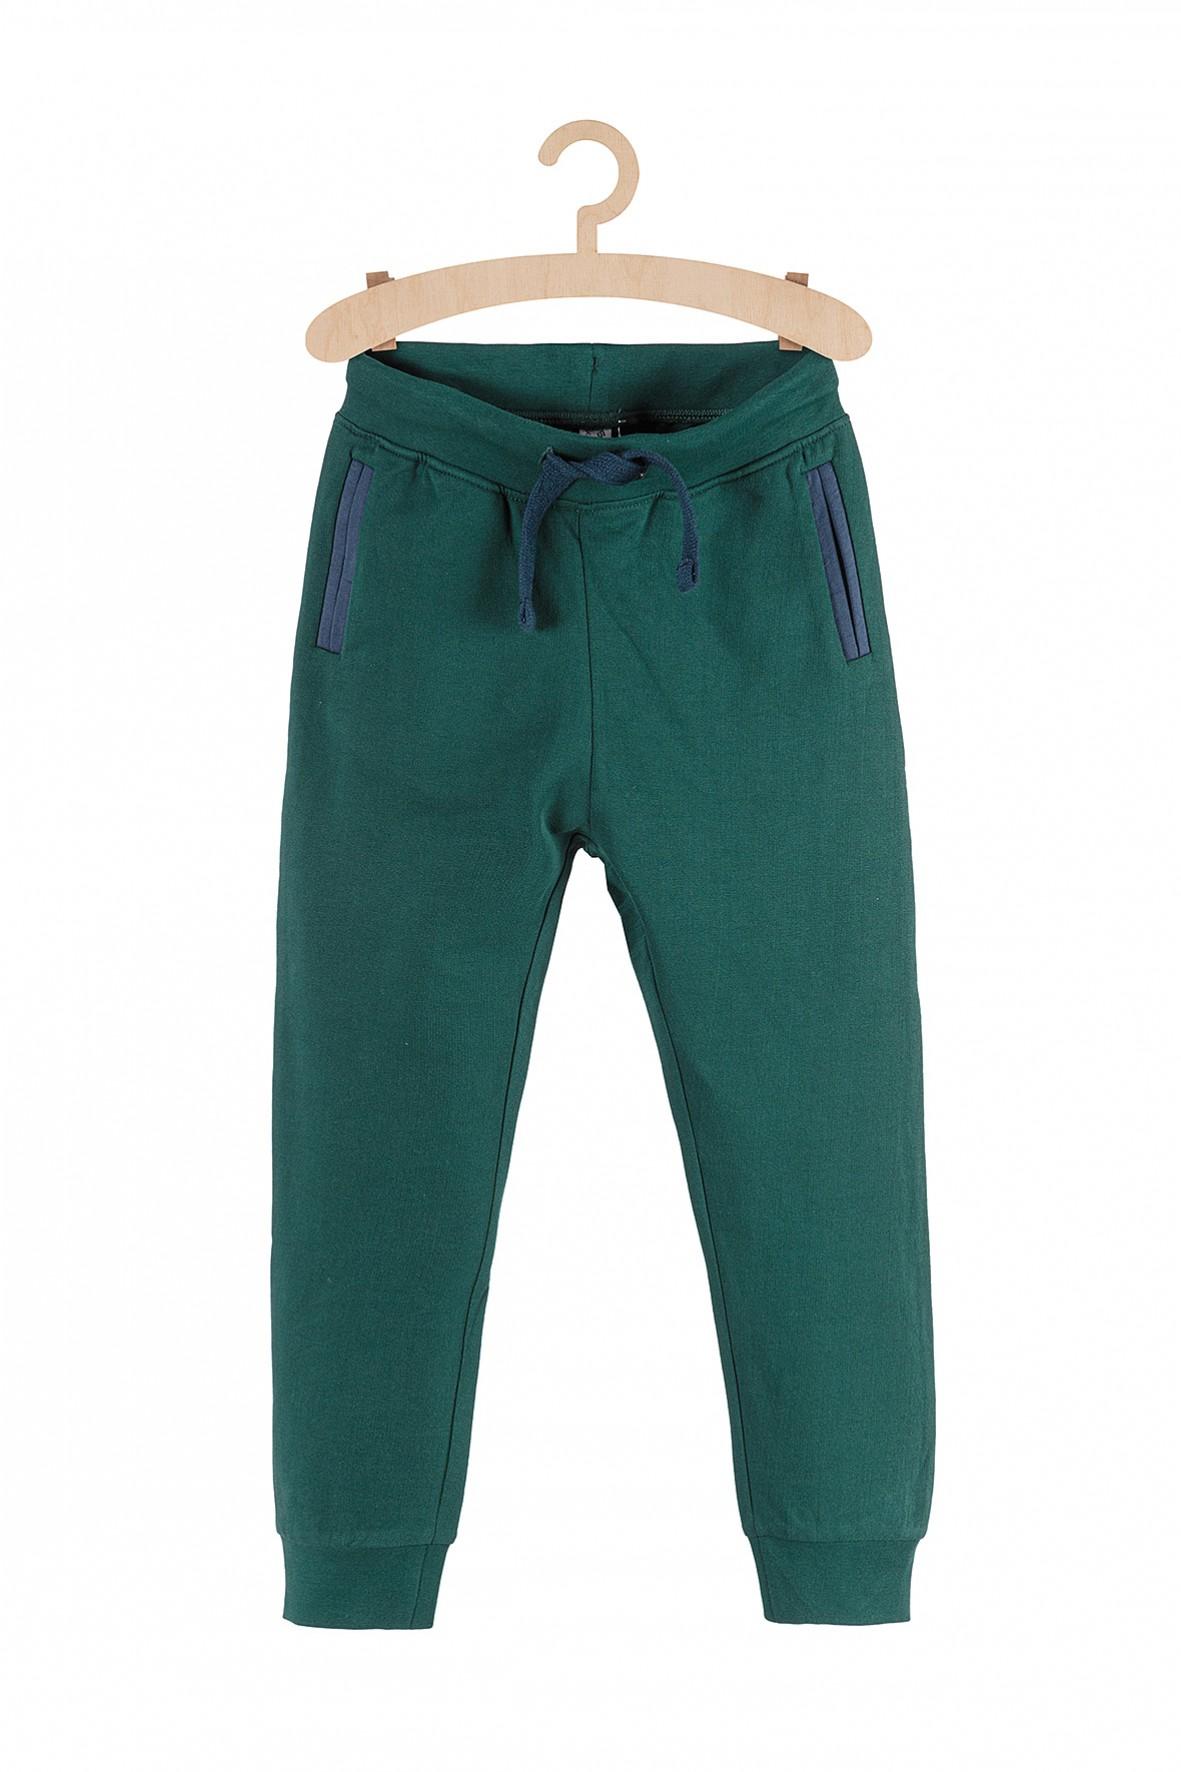 Dresowe spodnie dla chłopca-zielone